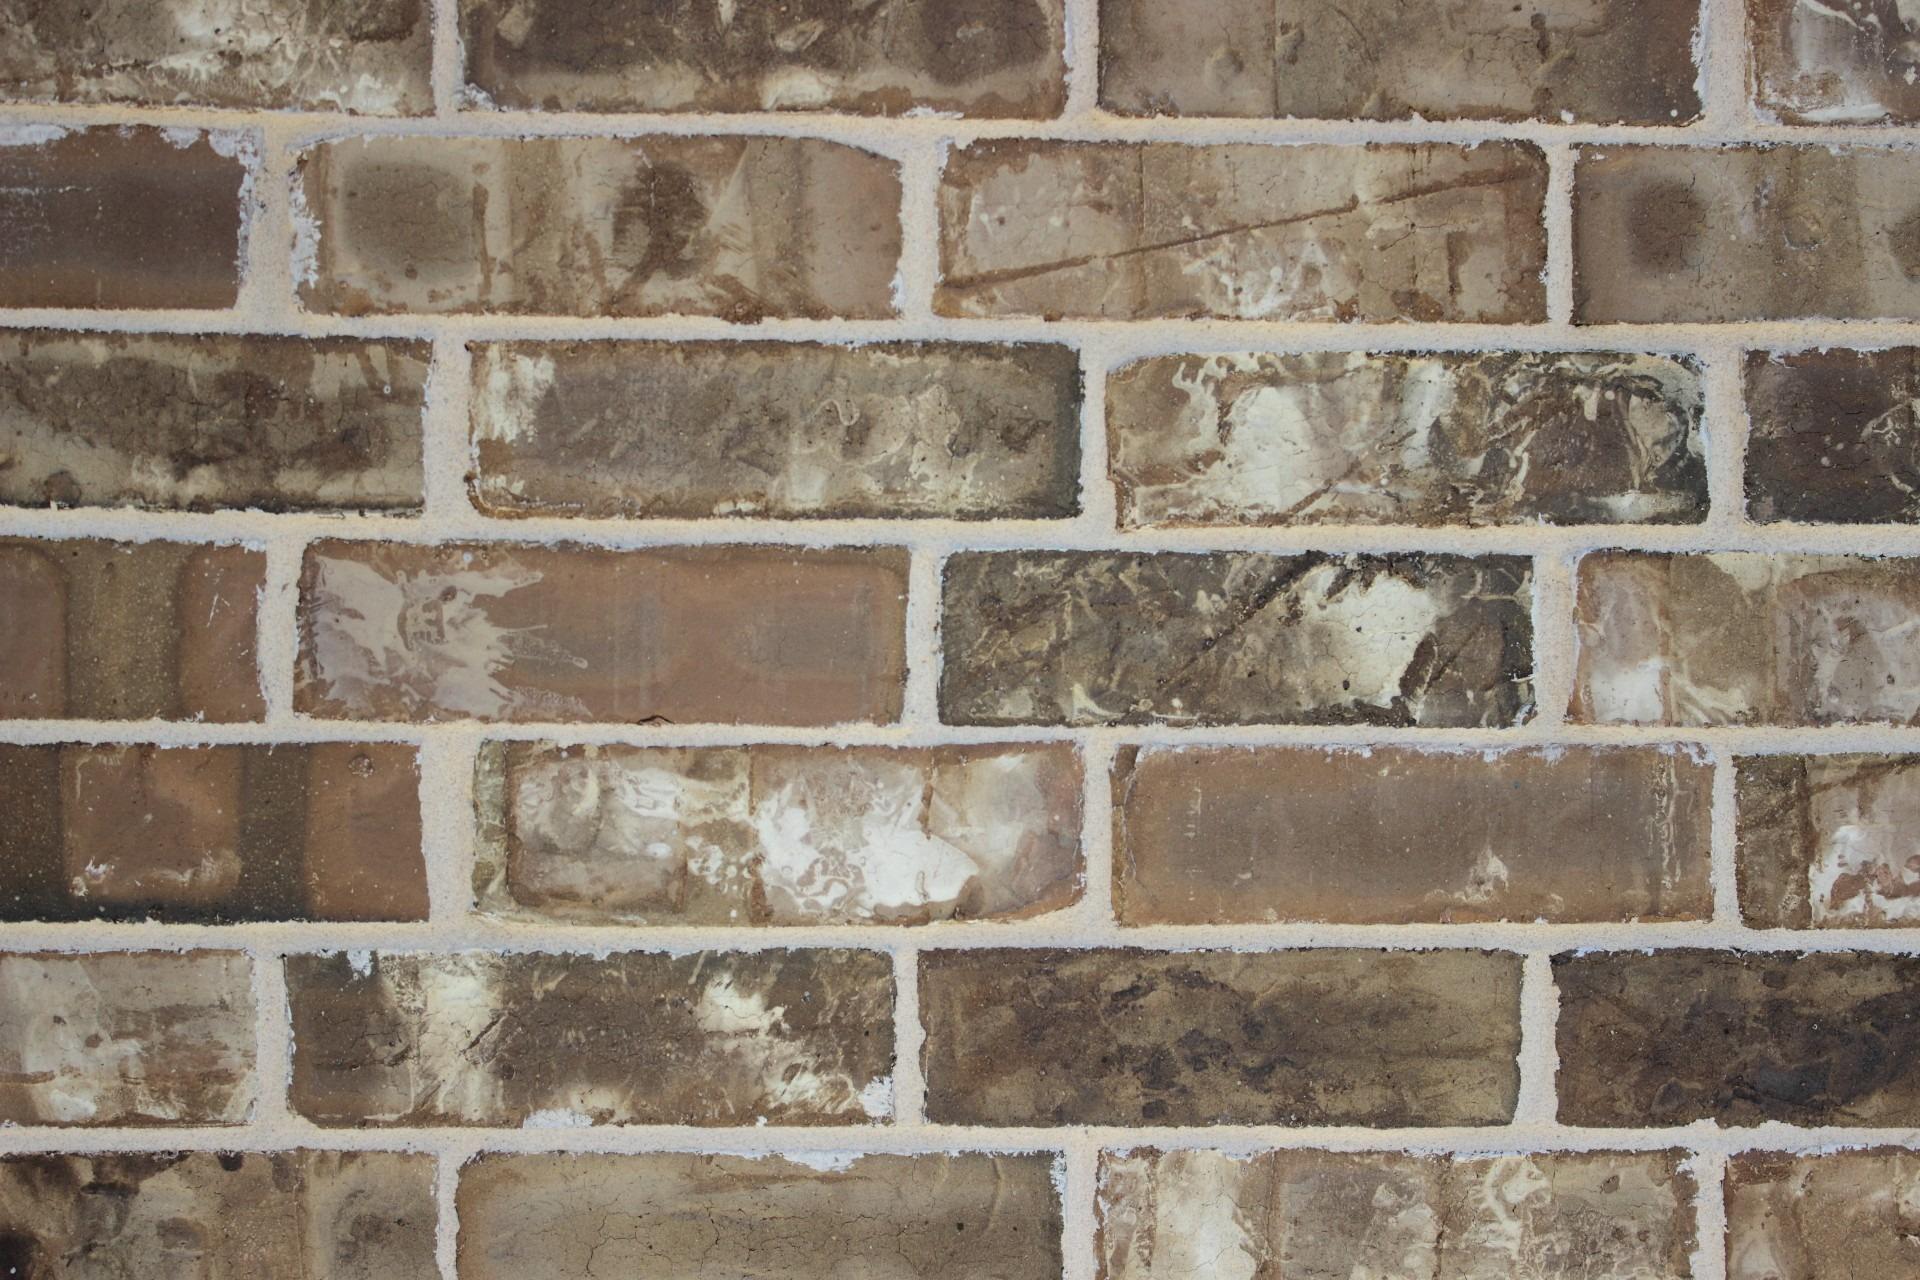 Port Edwards Brick